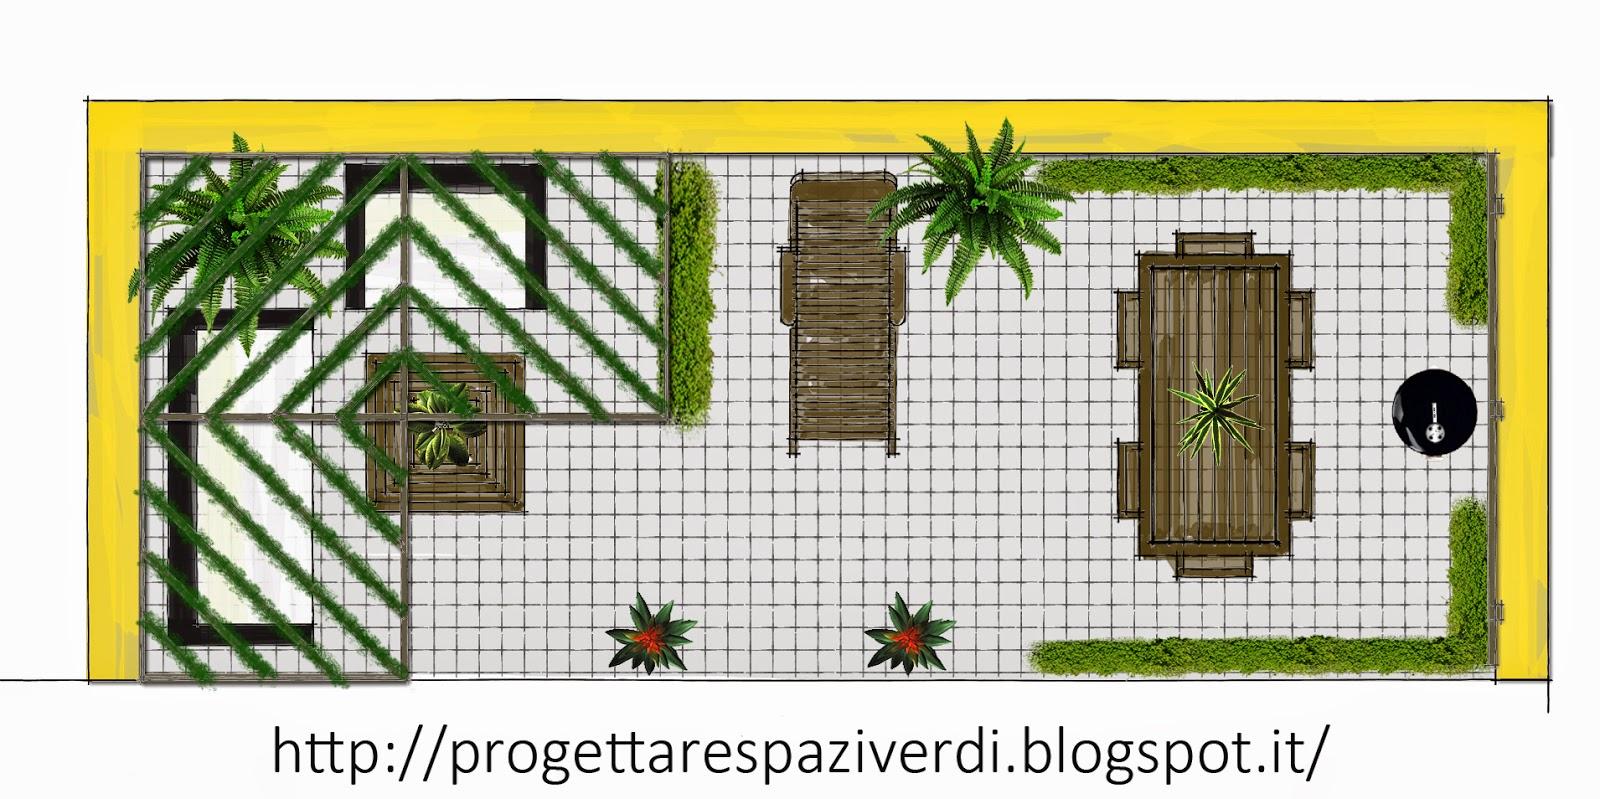 Progettare spazi verdi terrazzo per pranzare e prendere for Progettare spazi verdi